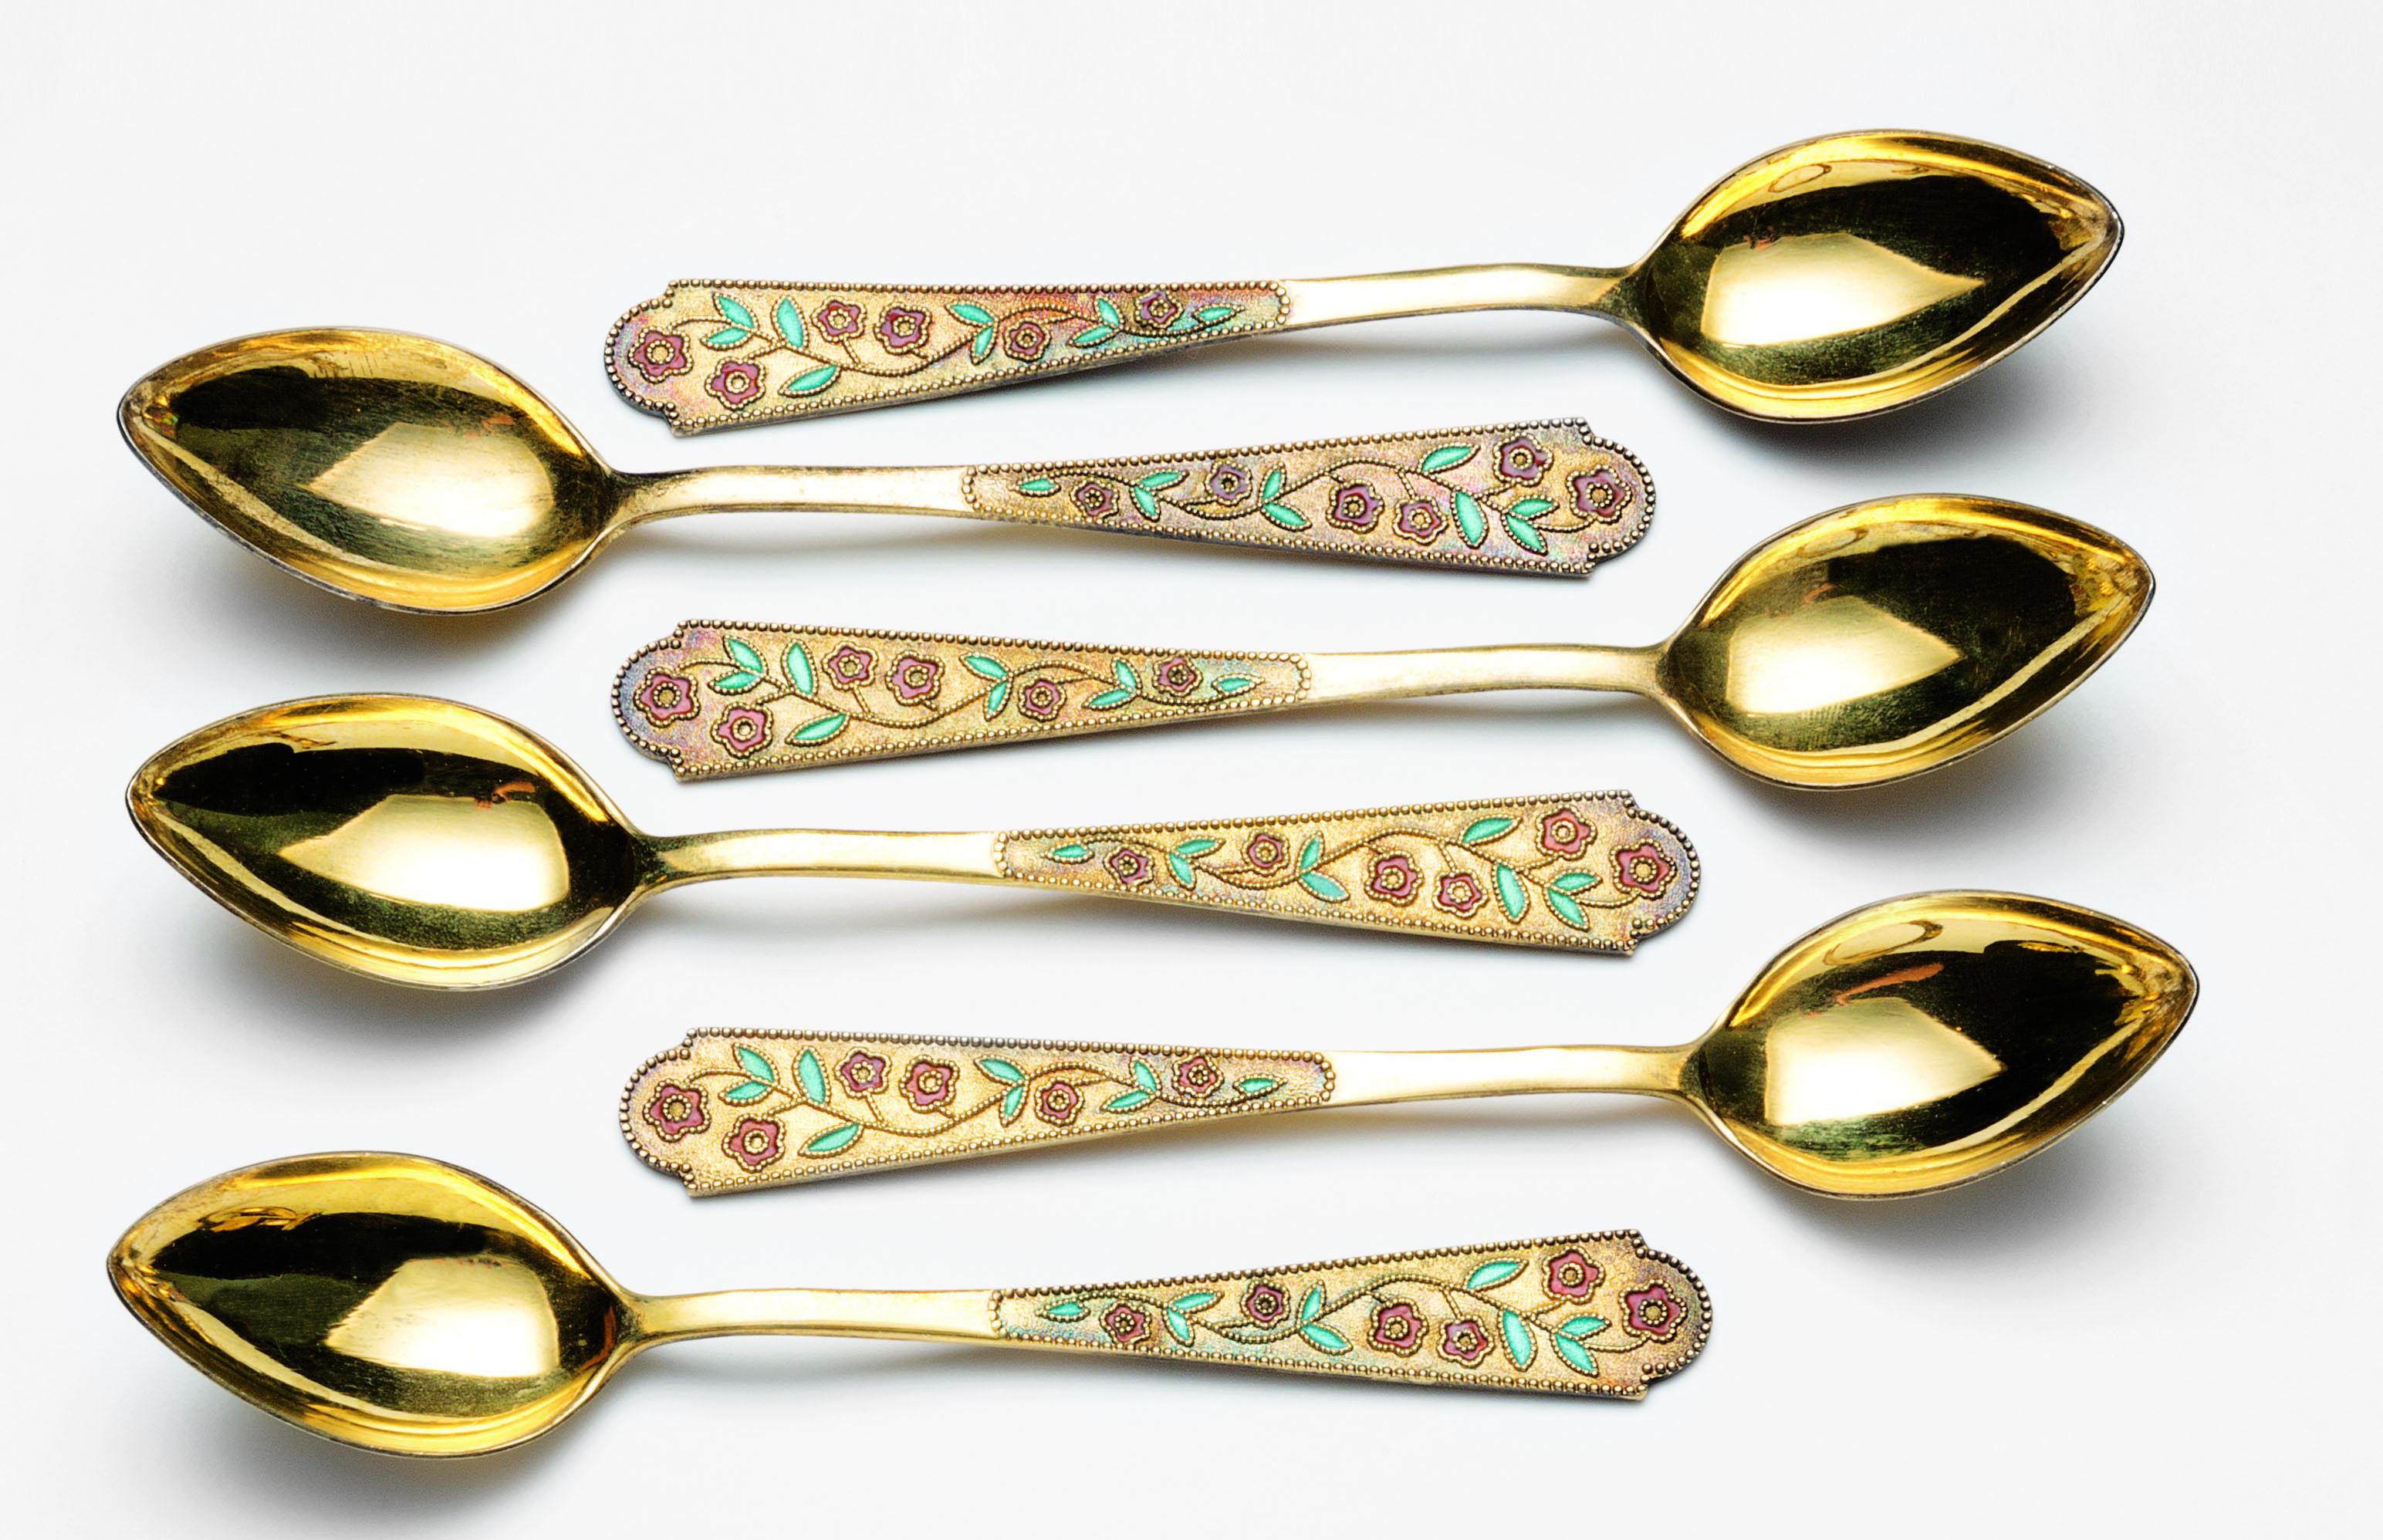 Sei cucchiaini in argento dorato